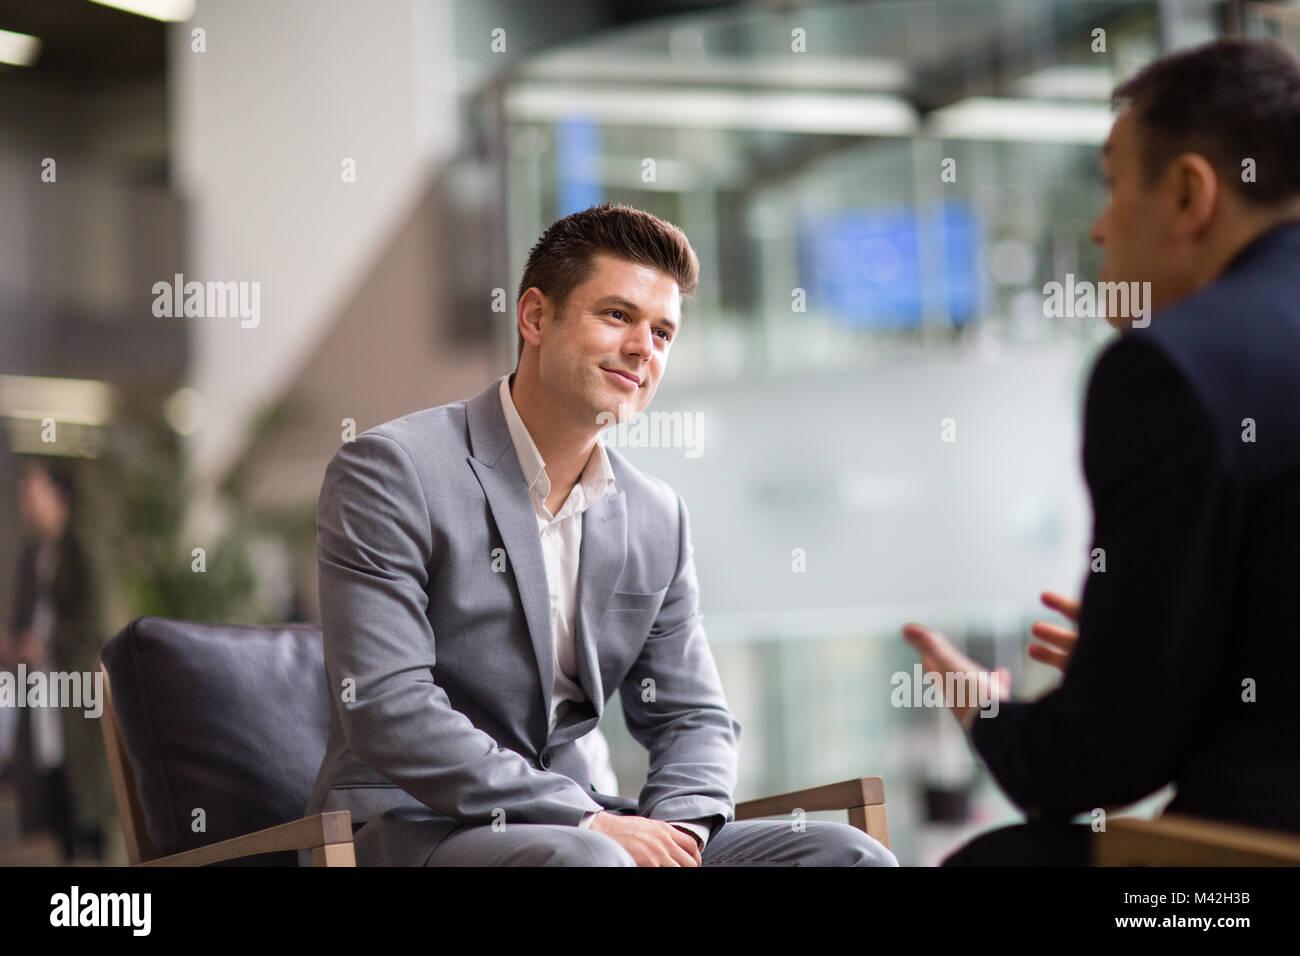 El empresario se hizo una pregunta en una entrevista Imagen De Stock